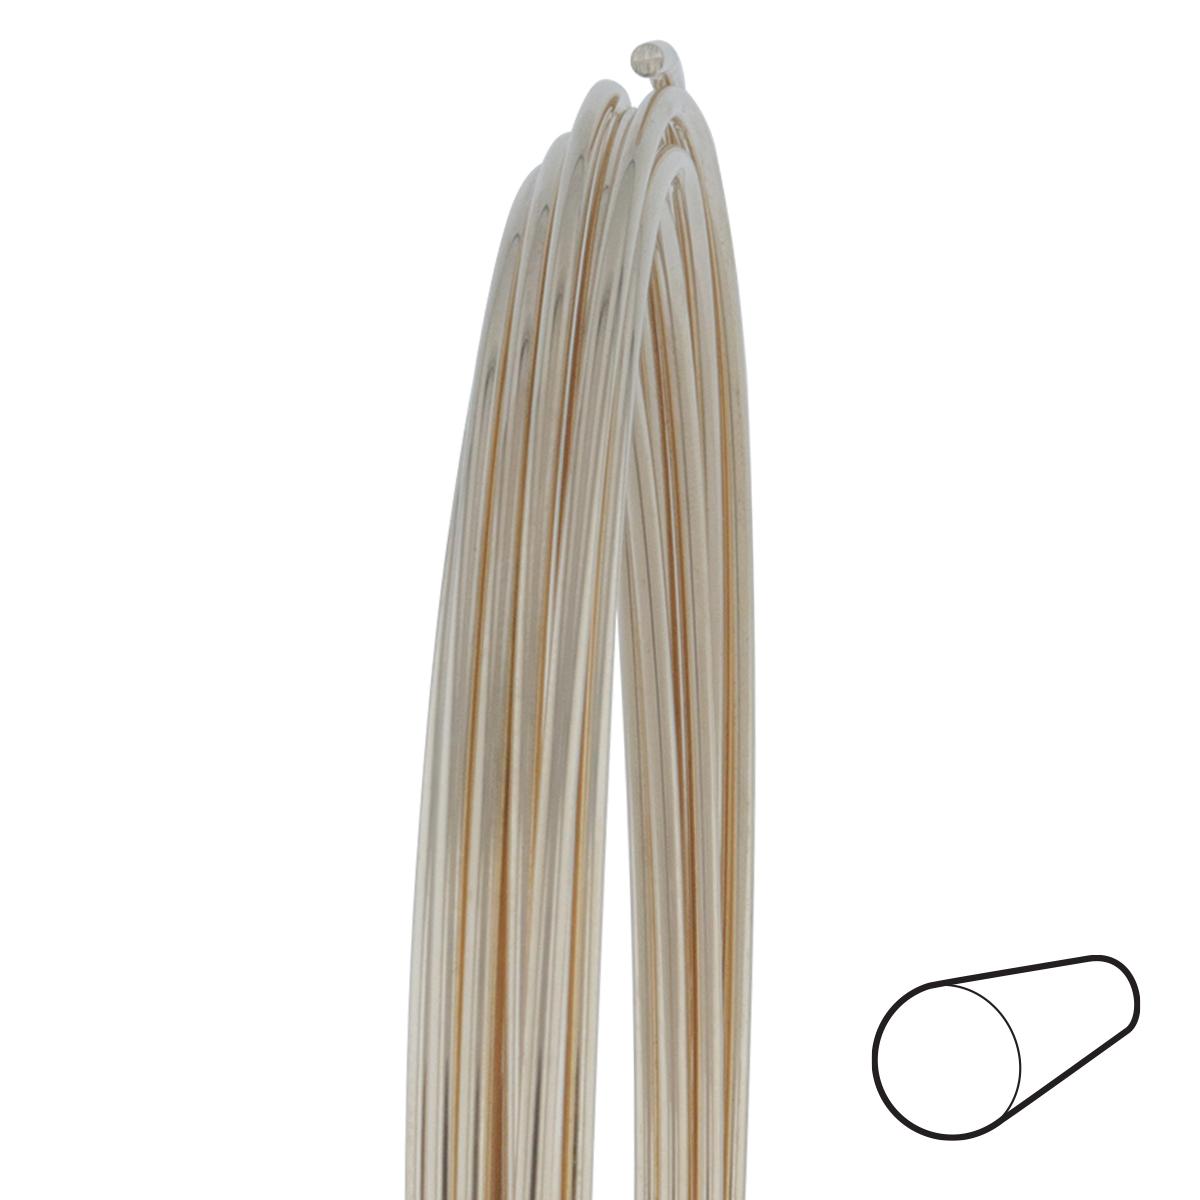 24 Gauge Round Half Hard 14/20 Gold Filled Wire: Wire Jewelry | Wire ...